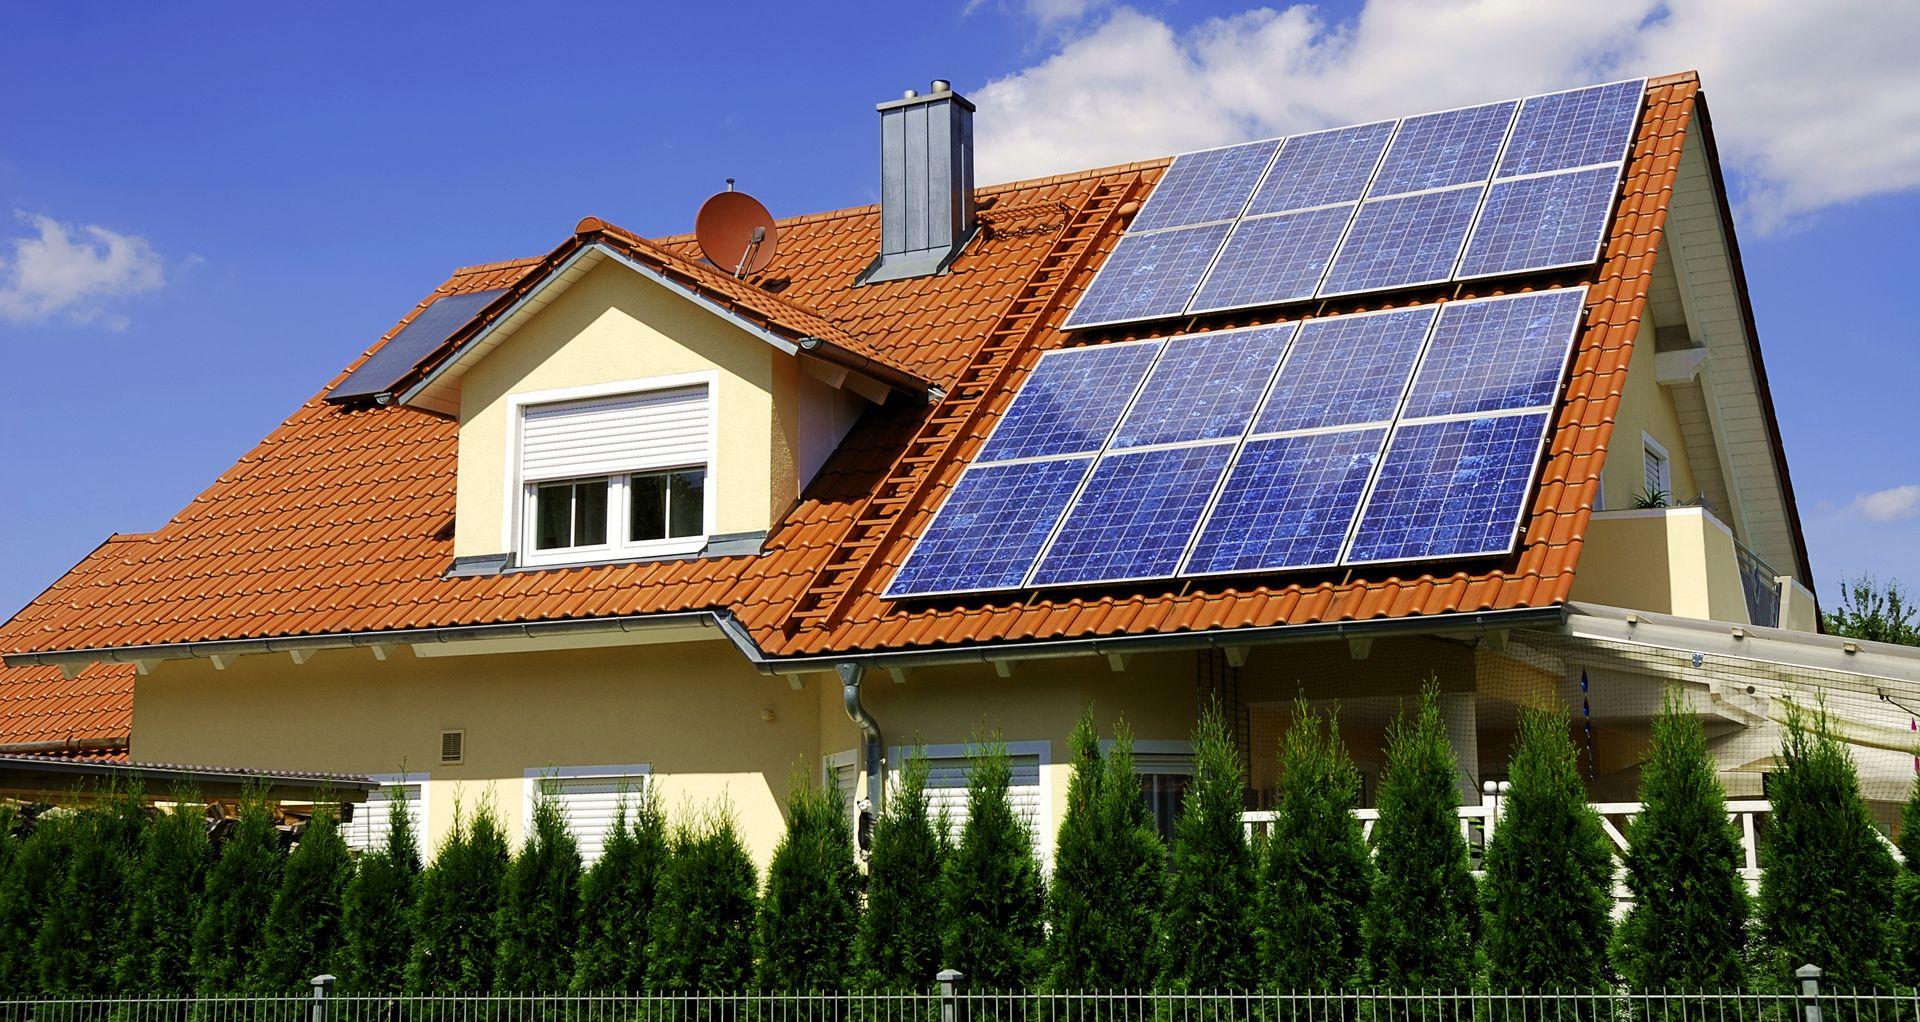 Йдеться про ті домогосподарства, де здійснюється виробництво електроенергії з енергії сонячного випромінювання.